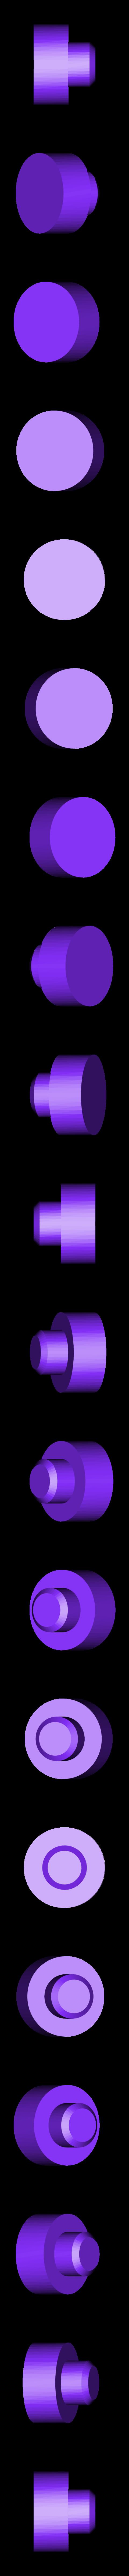 Material_Tube_Adapter_001.STL Download free STL file Universal Spool Mount • 3D printable template, Tarnliare